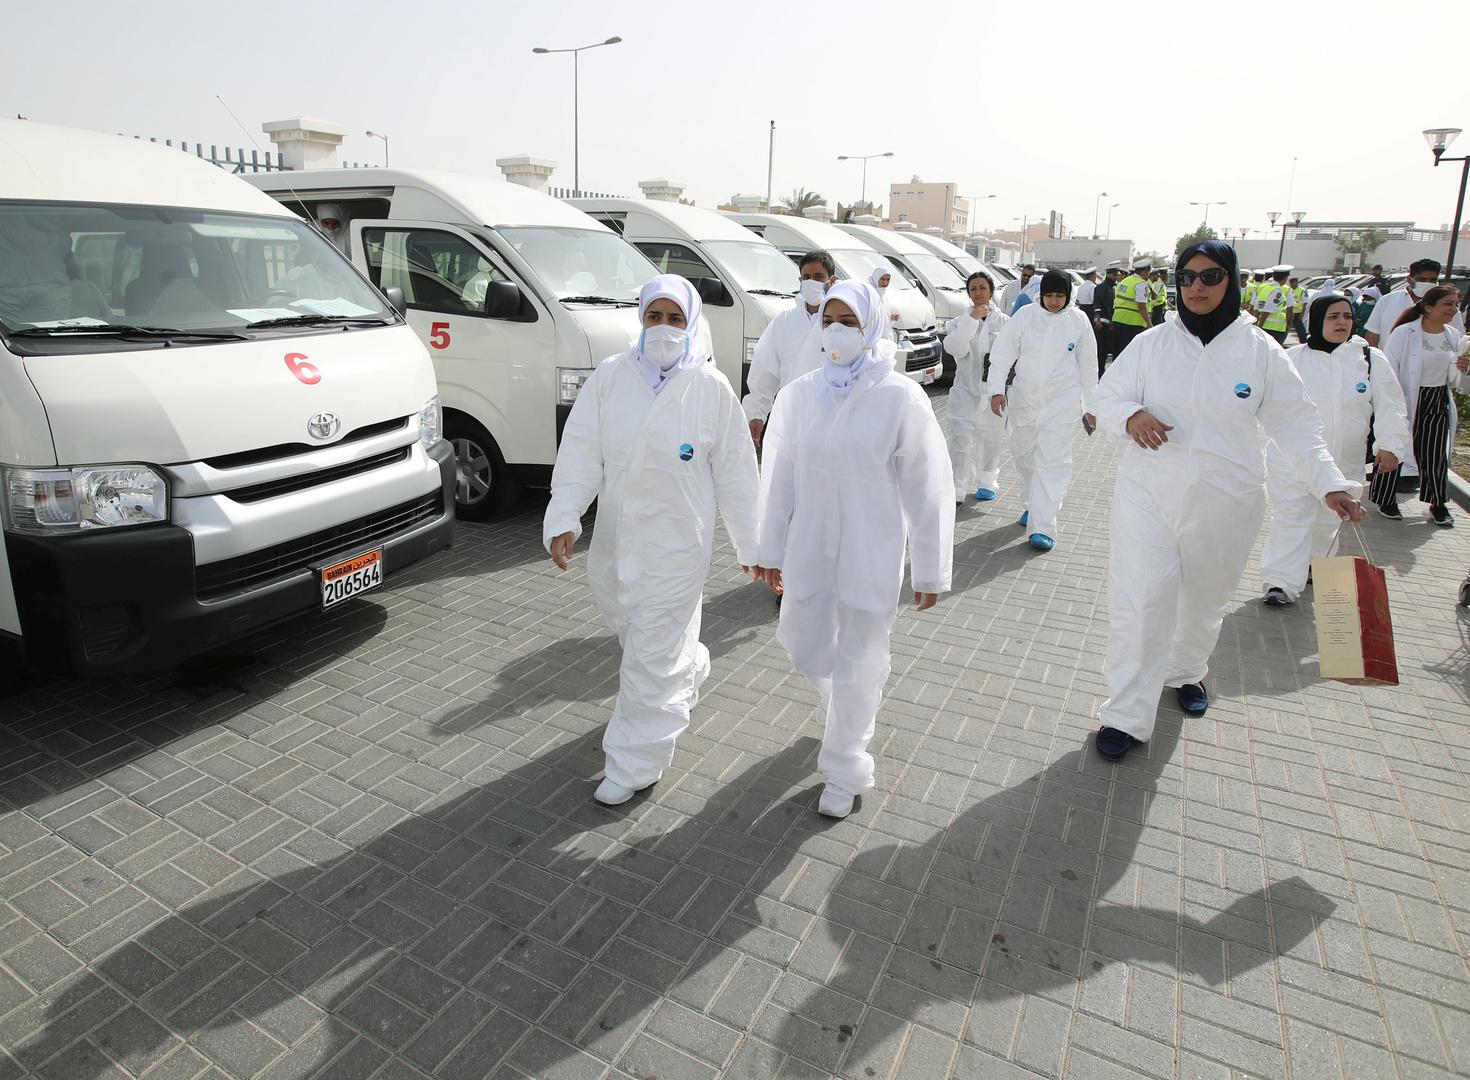 أول دفعة مساعدات أوروبية لمكافحة كورونا في طريقها إلى إيران